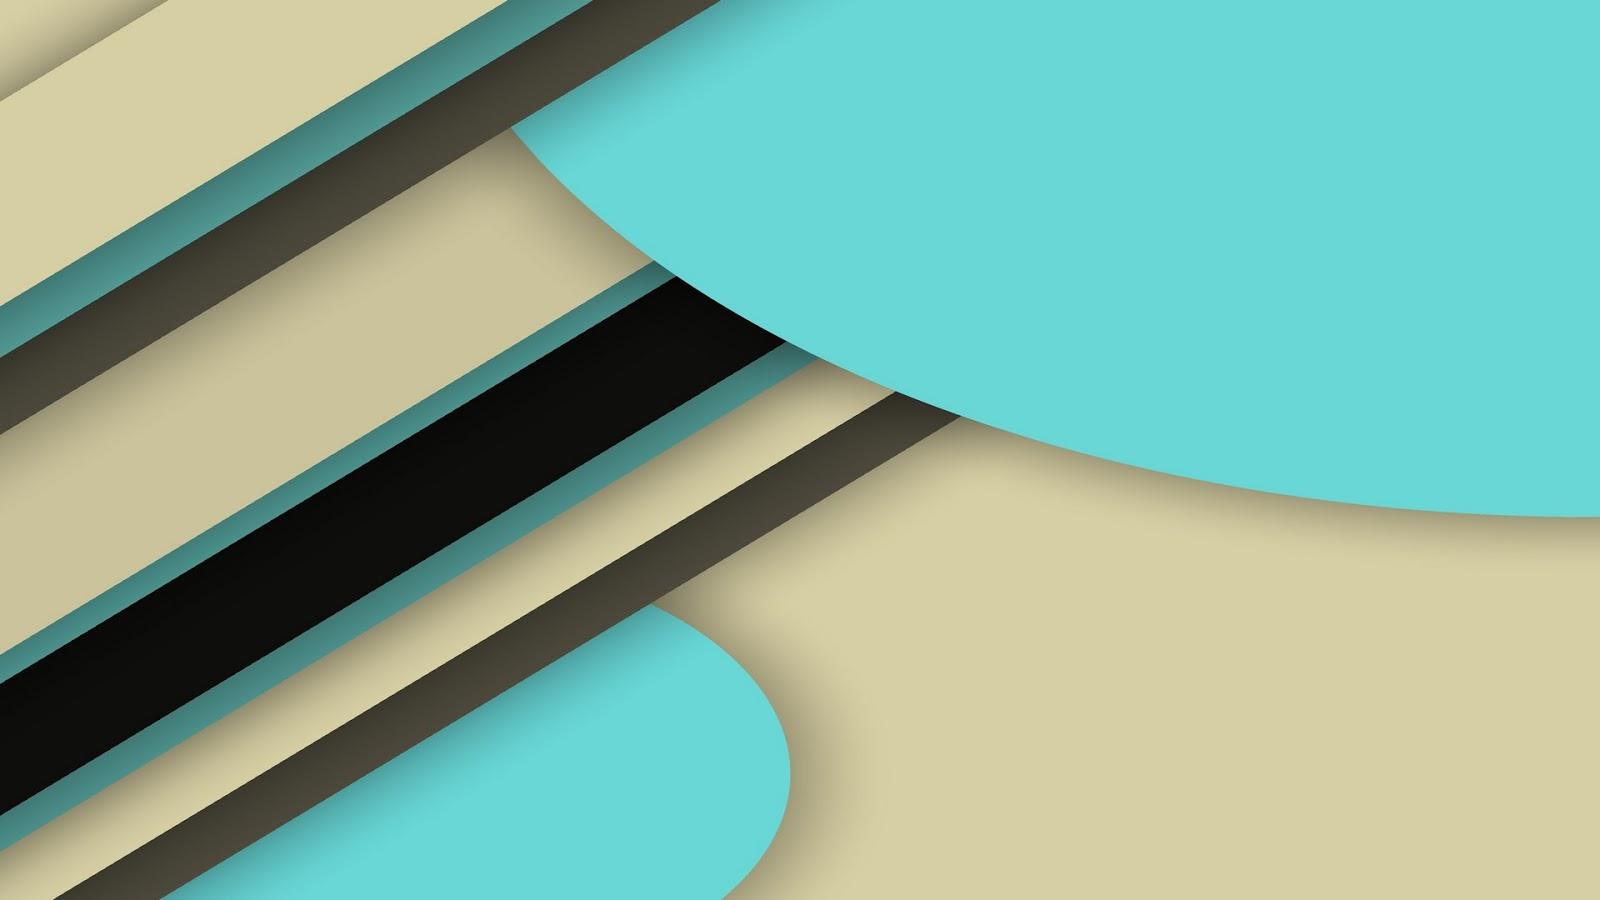 абстракция, material, design, crossing  № 106333 загрузить